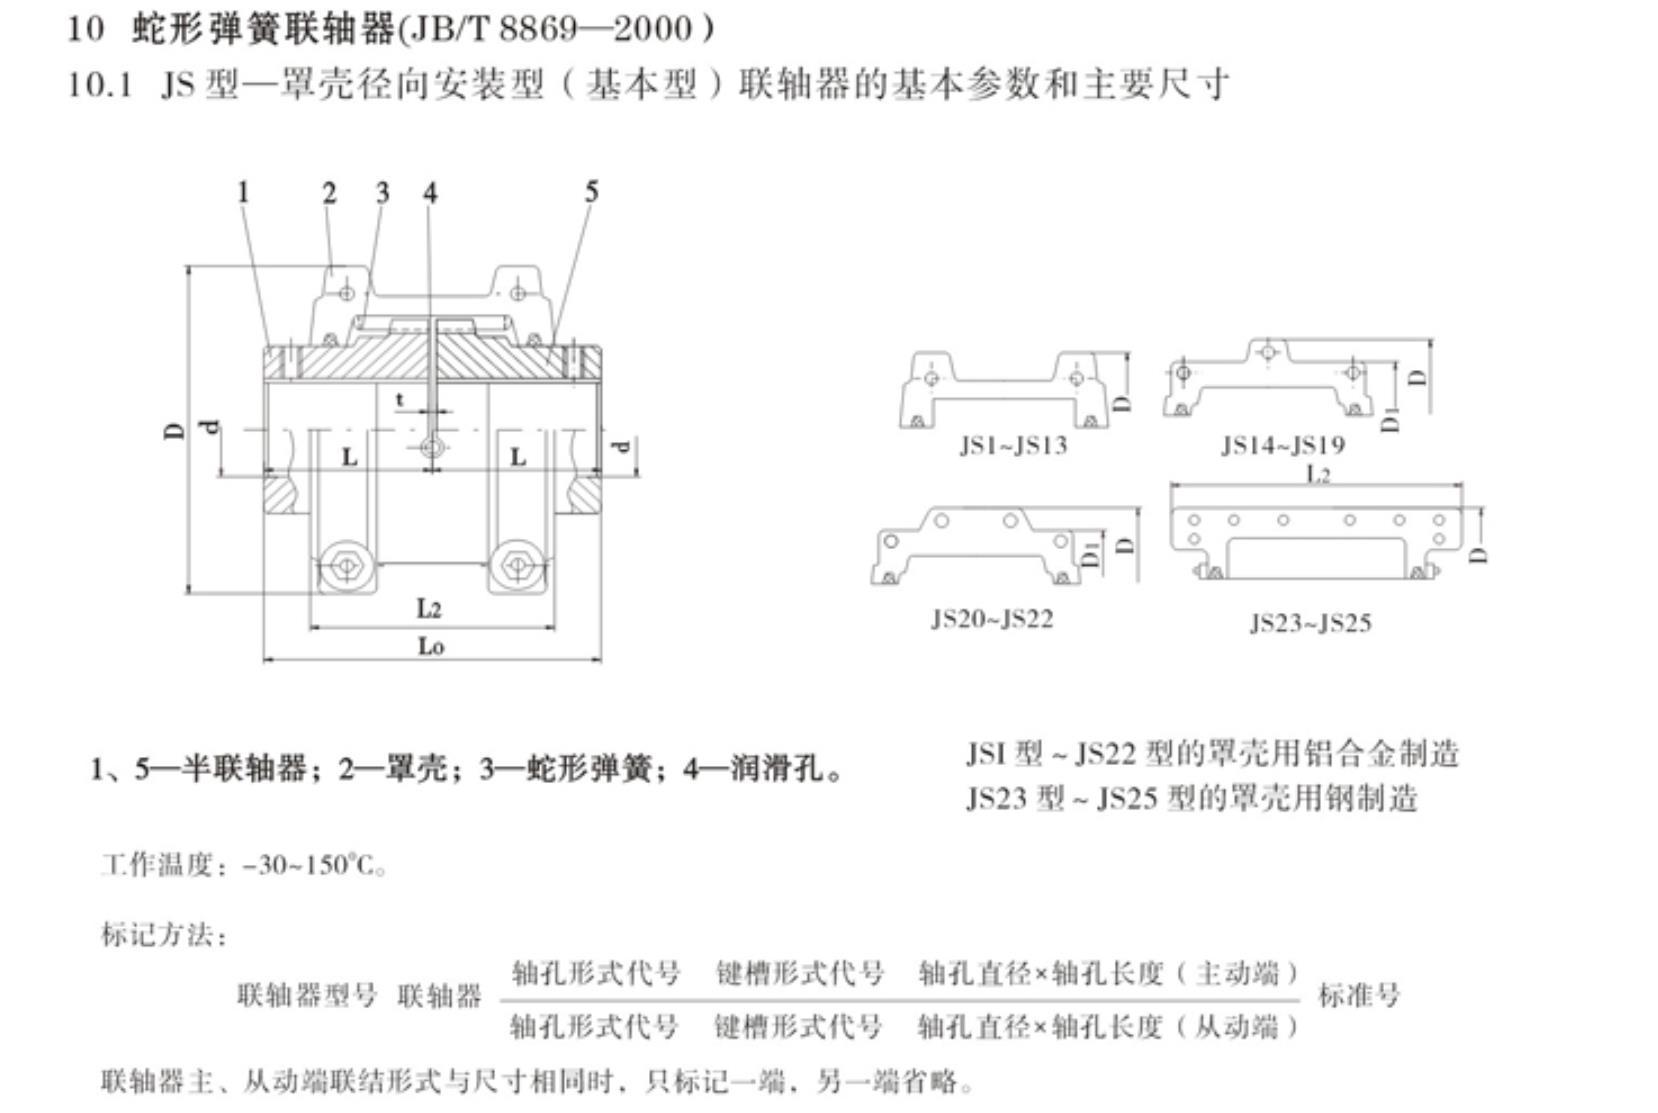 JS蛇形弹簧联轴器尺寸国标